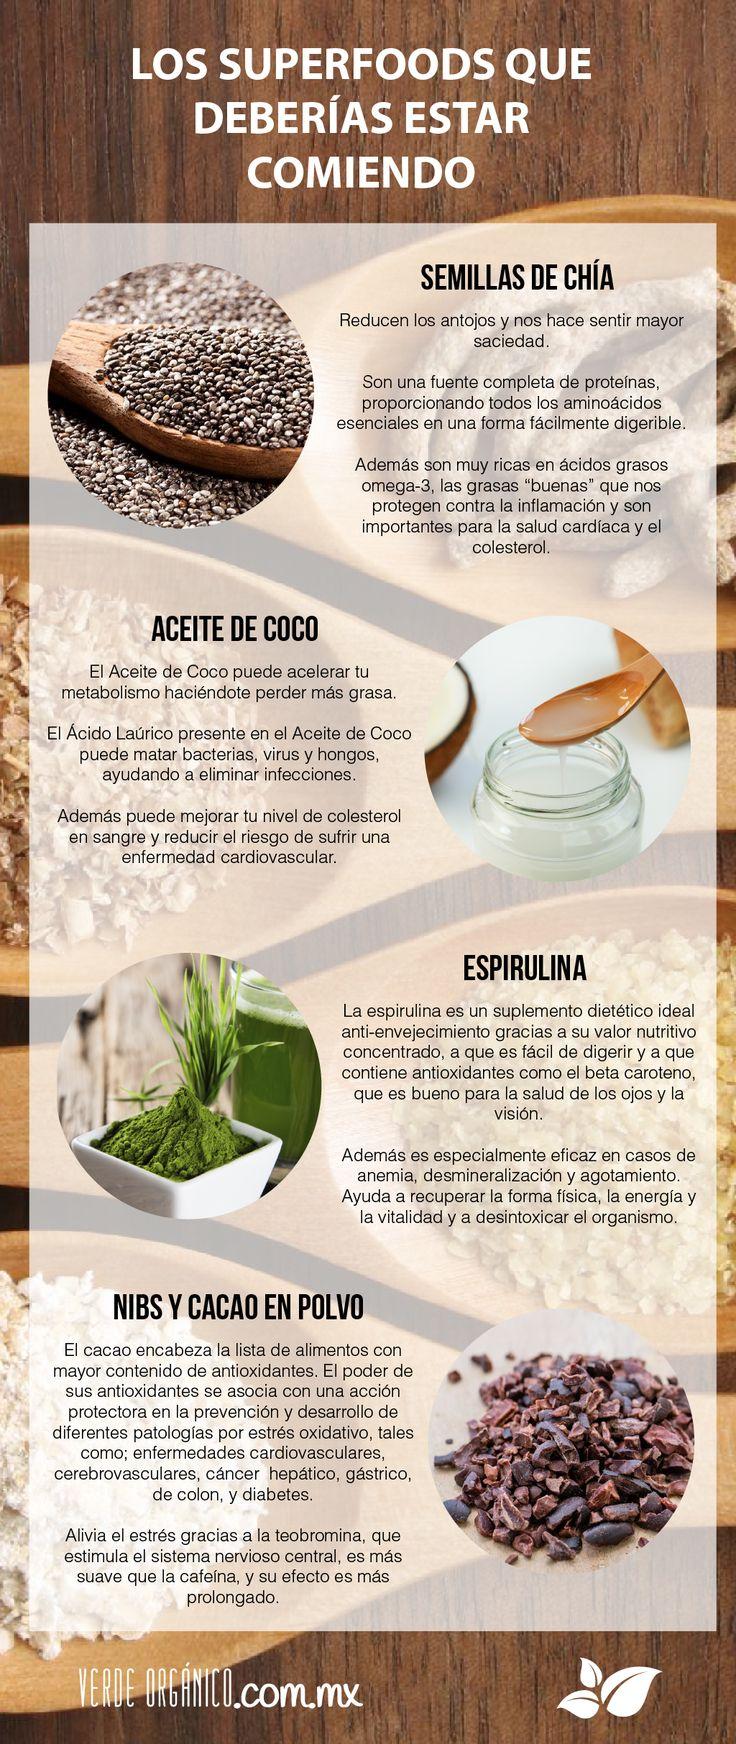 Los superfoods que deberías estar comiendo - Verde Orgánico